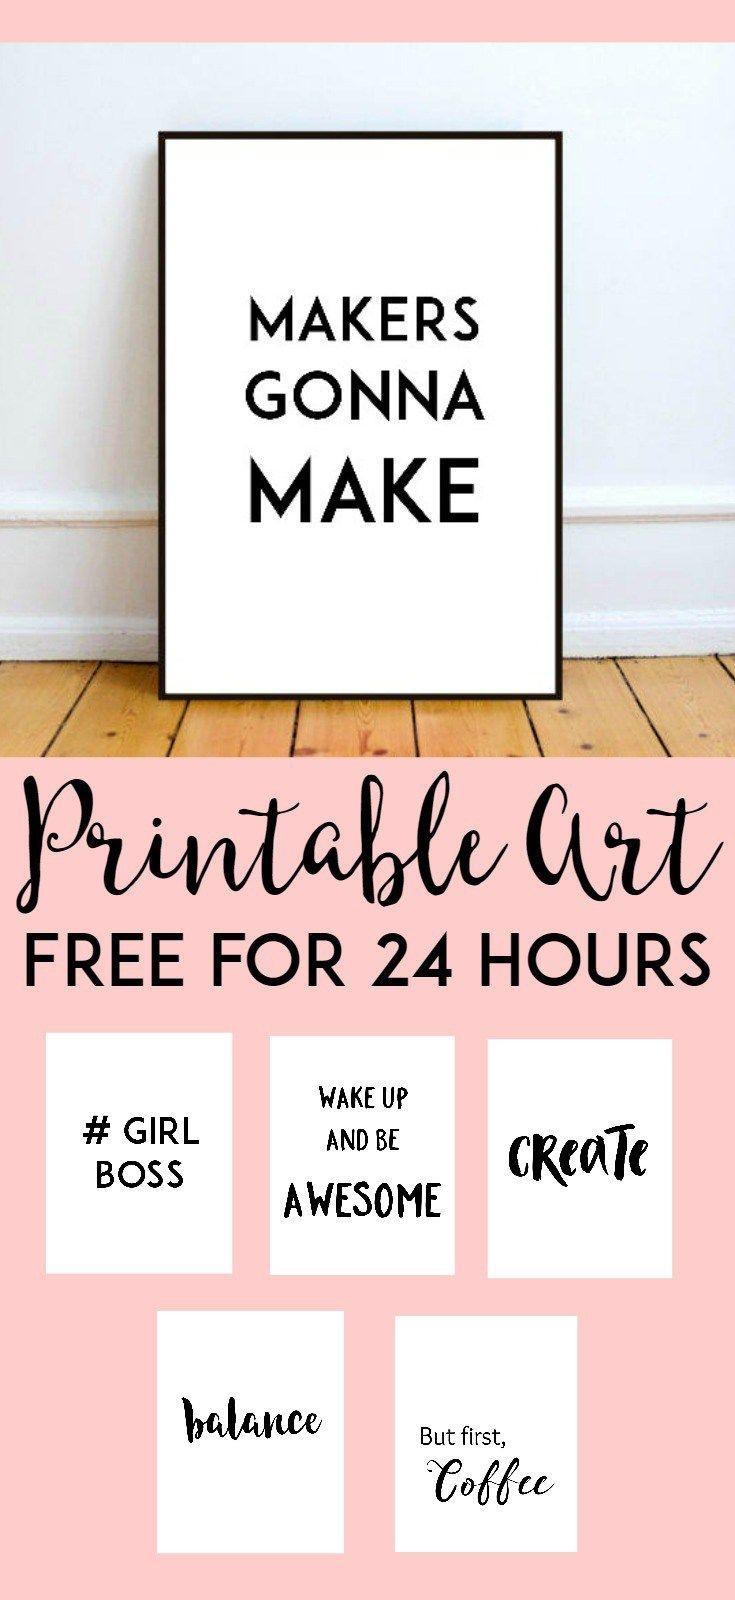 Best 25+ Inspirational Wall Art Ideas On Pinterest | Free Pertaining To Inspirational Wall Art For Office (View 6 of 20)